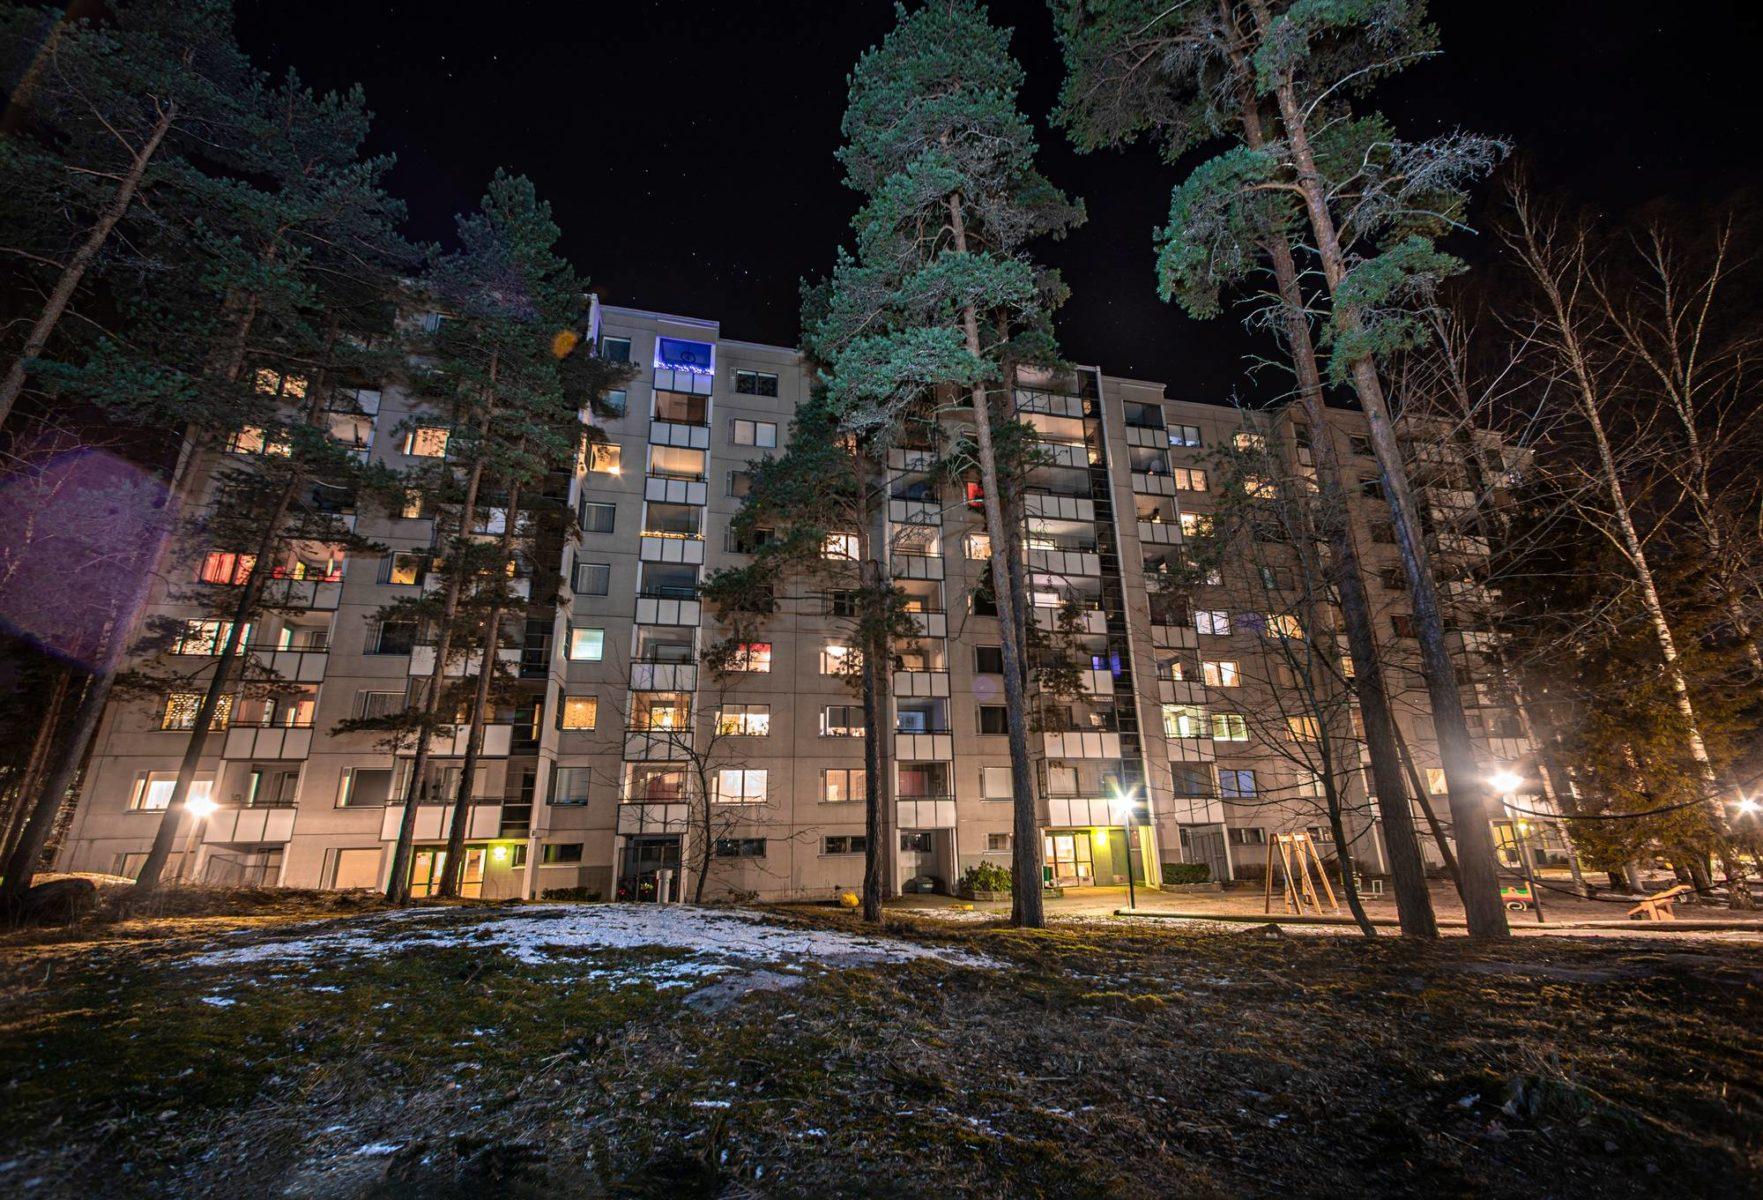 Lauantai-ilta 21. maaliskuuta Itä-Helsingin Kontulassa. Kello käy yhdeksää, ja Kontulankaari 11:ssä sijaitsevan kerrostalon ikkunat kertovat, että kotosalla ollaan.